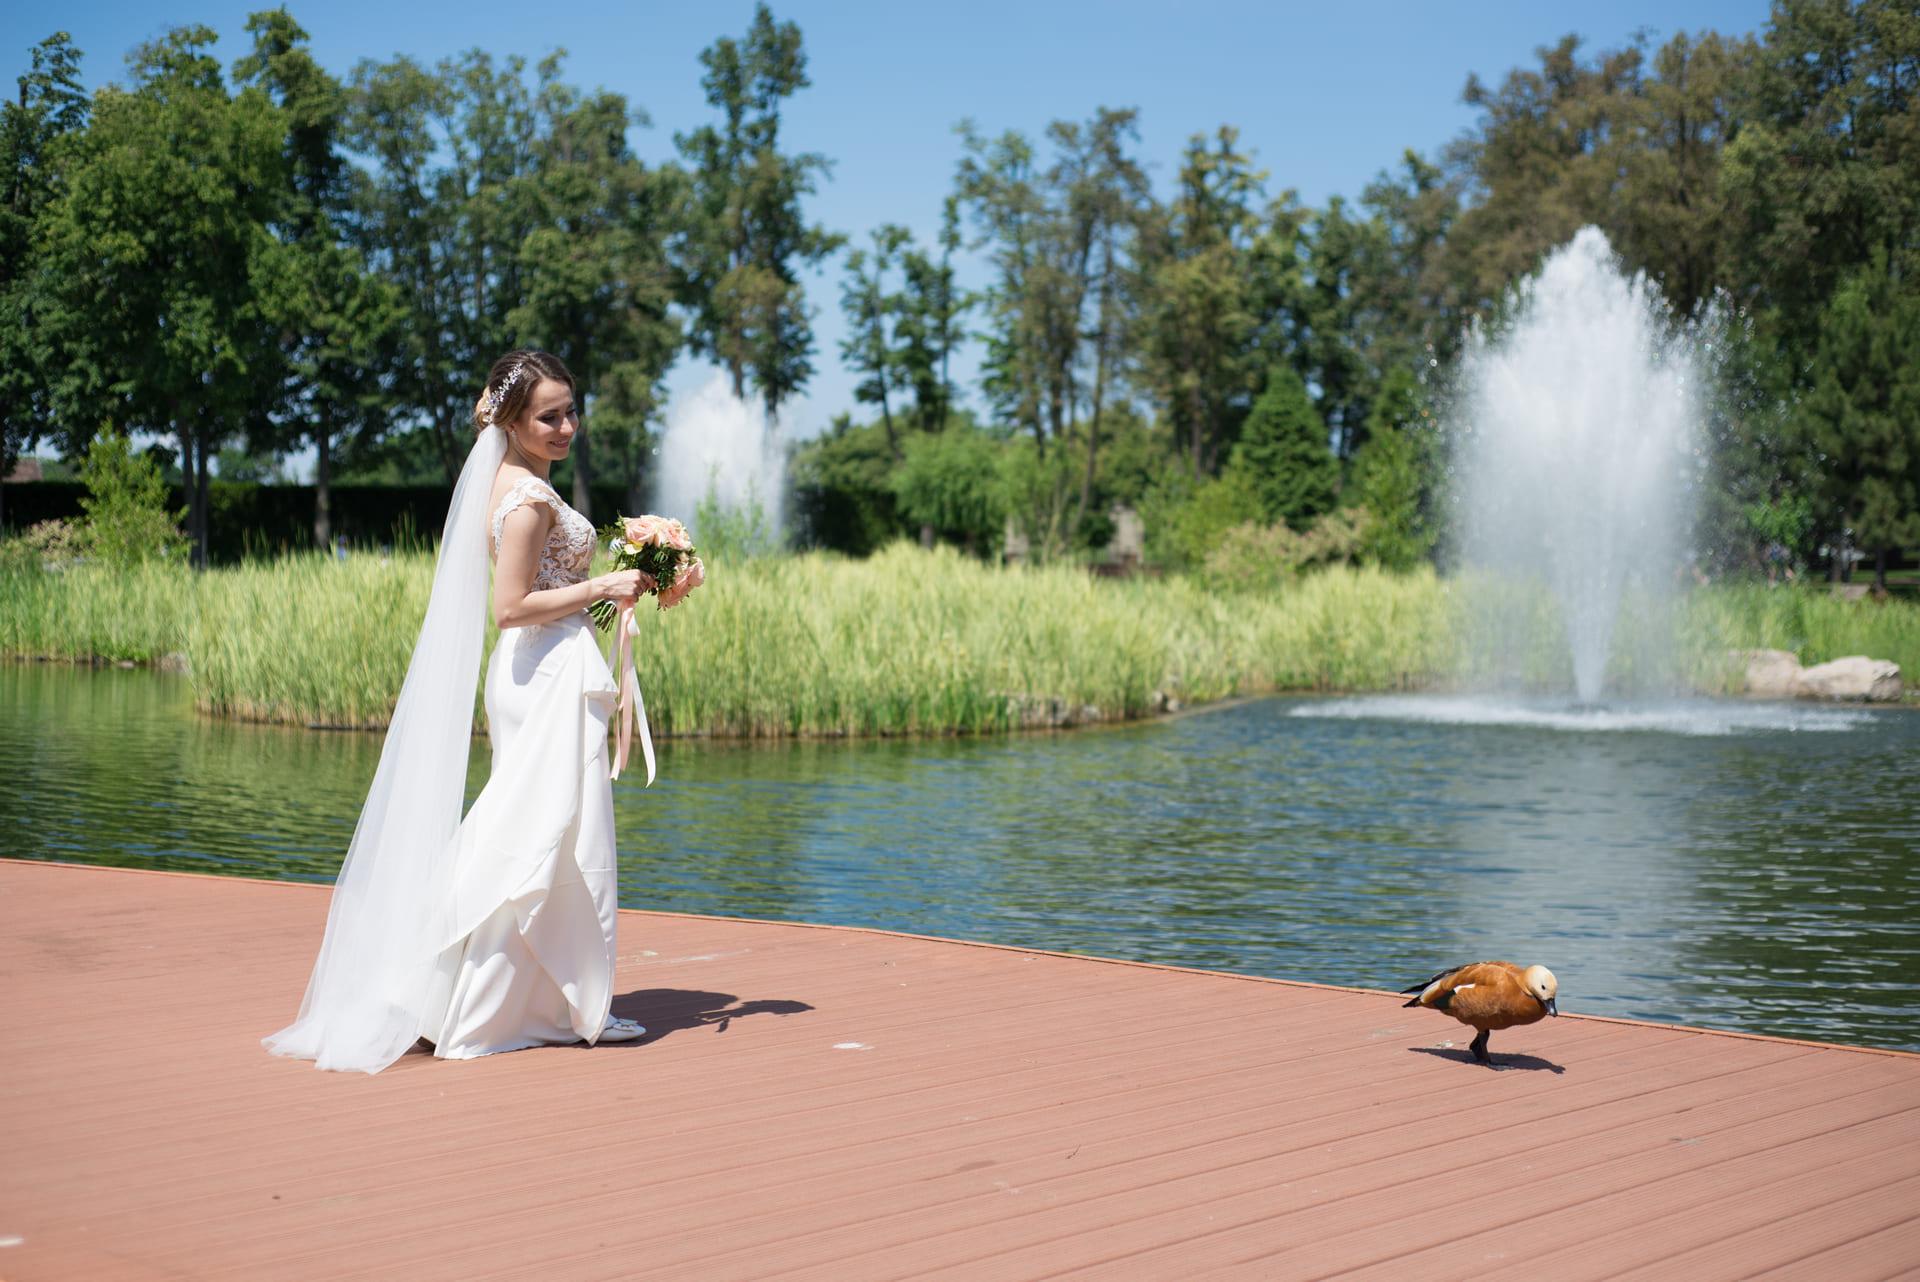 Свадебная фотосессия в Межигорье: Невеста и утка